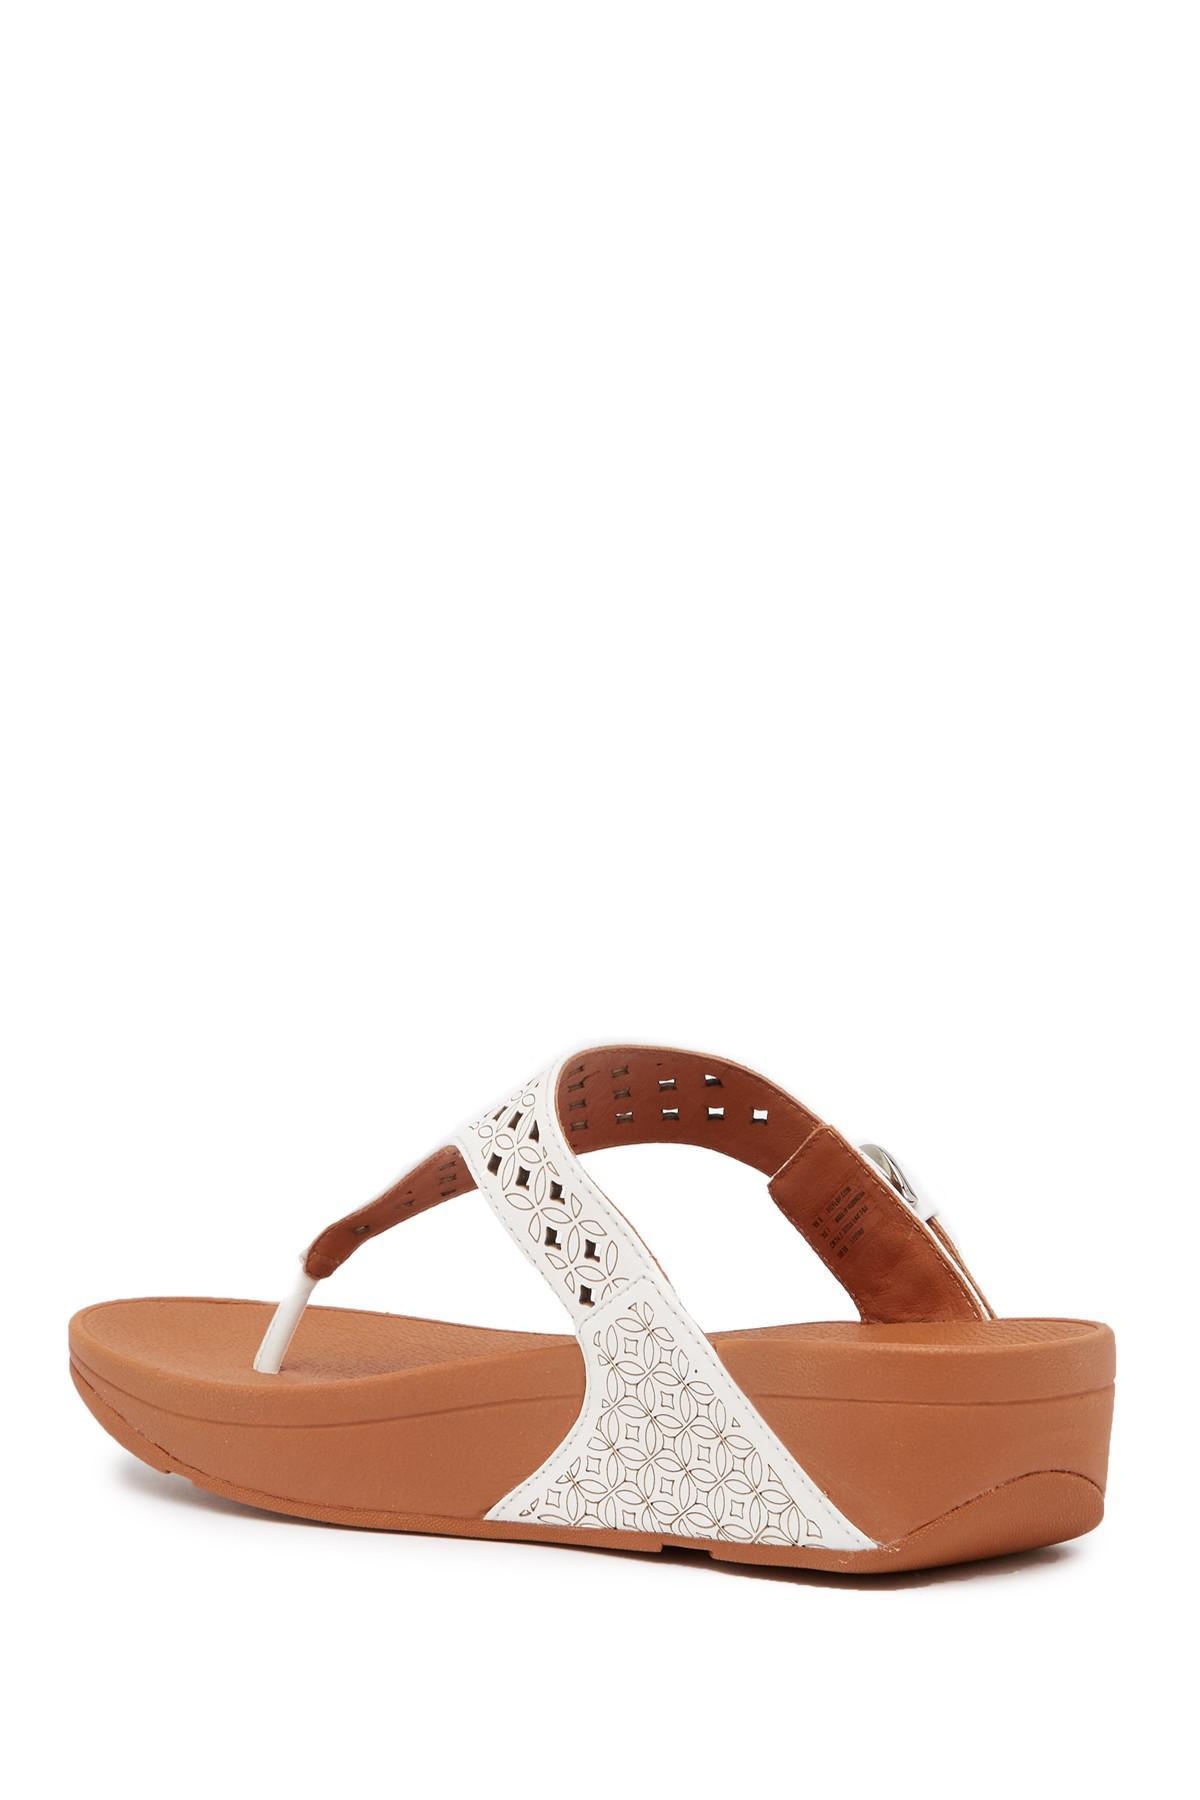 454fa30ad57db9 Fitflop - Brown Skinny Toe Post Lattice Wedge Sandal - Lyst. View fullscreen